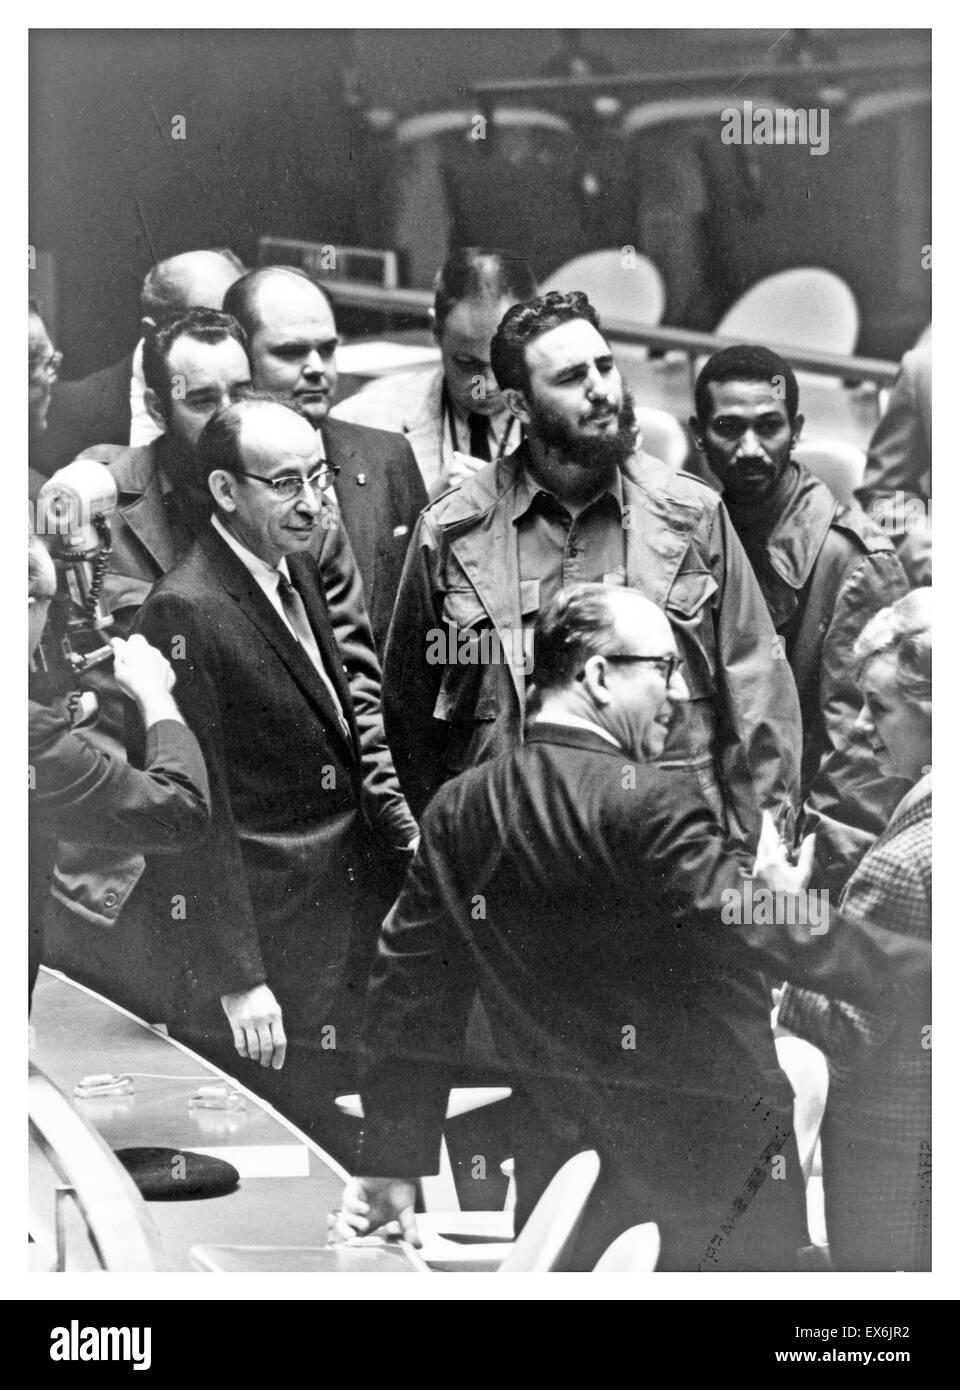 Fidel Castro visite l'Organisation des Nations Unies à New York, avec la délégation de Cuba 1959 Photo Stock